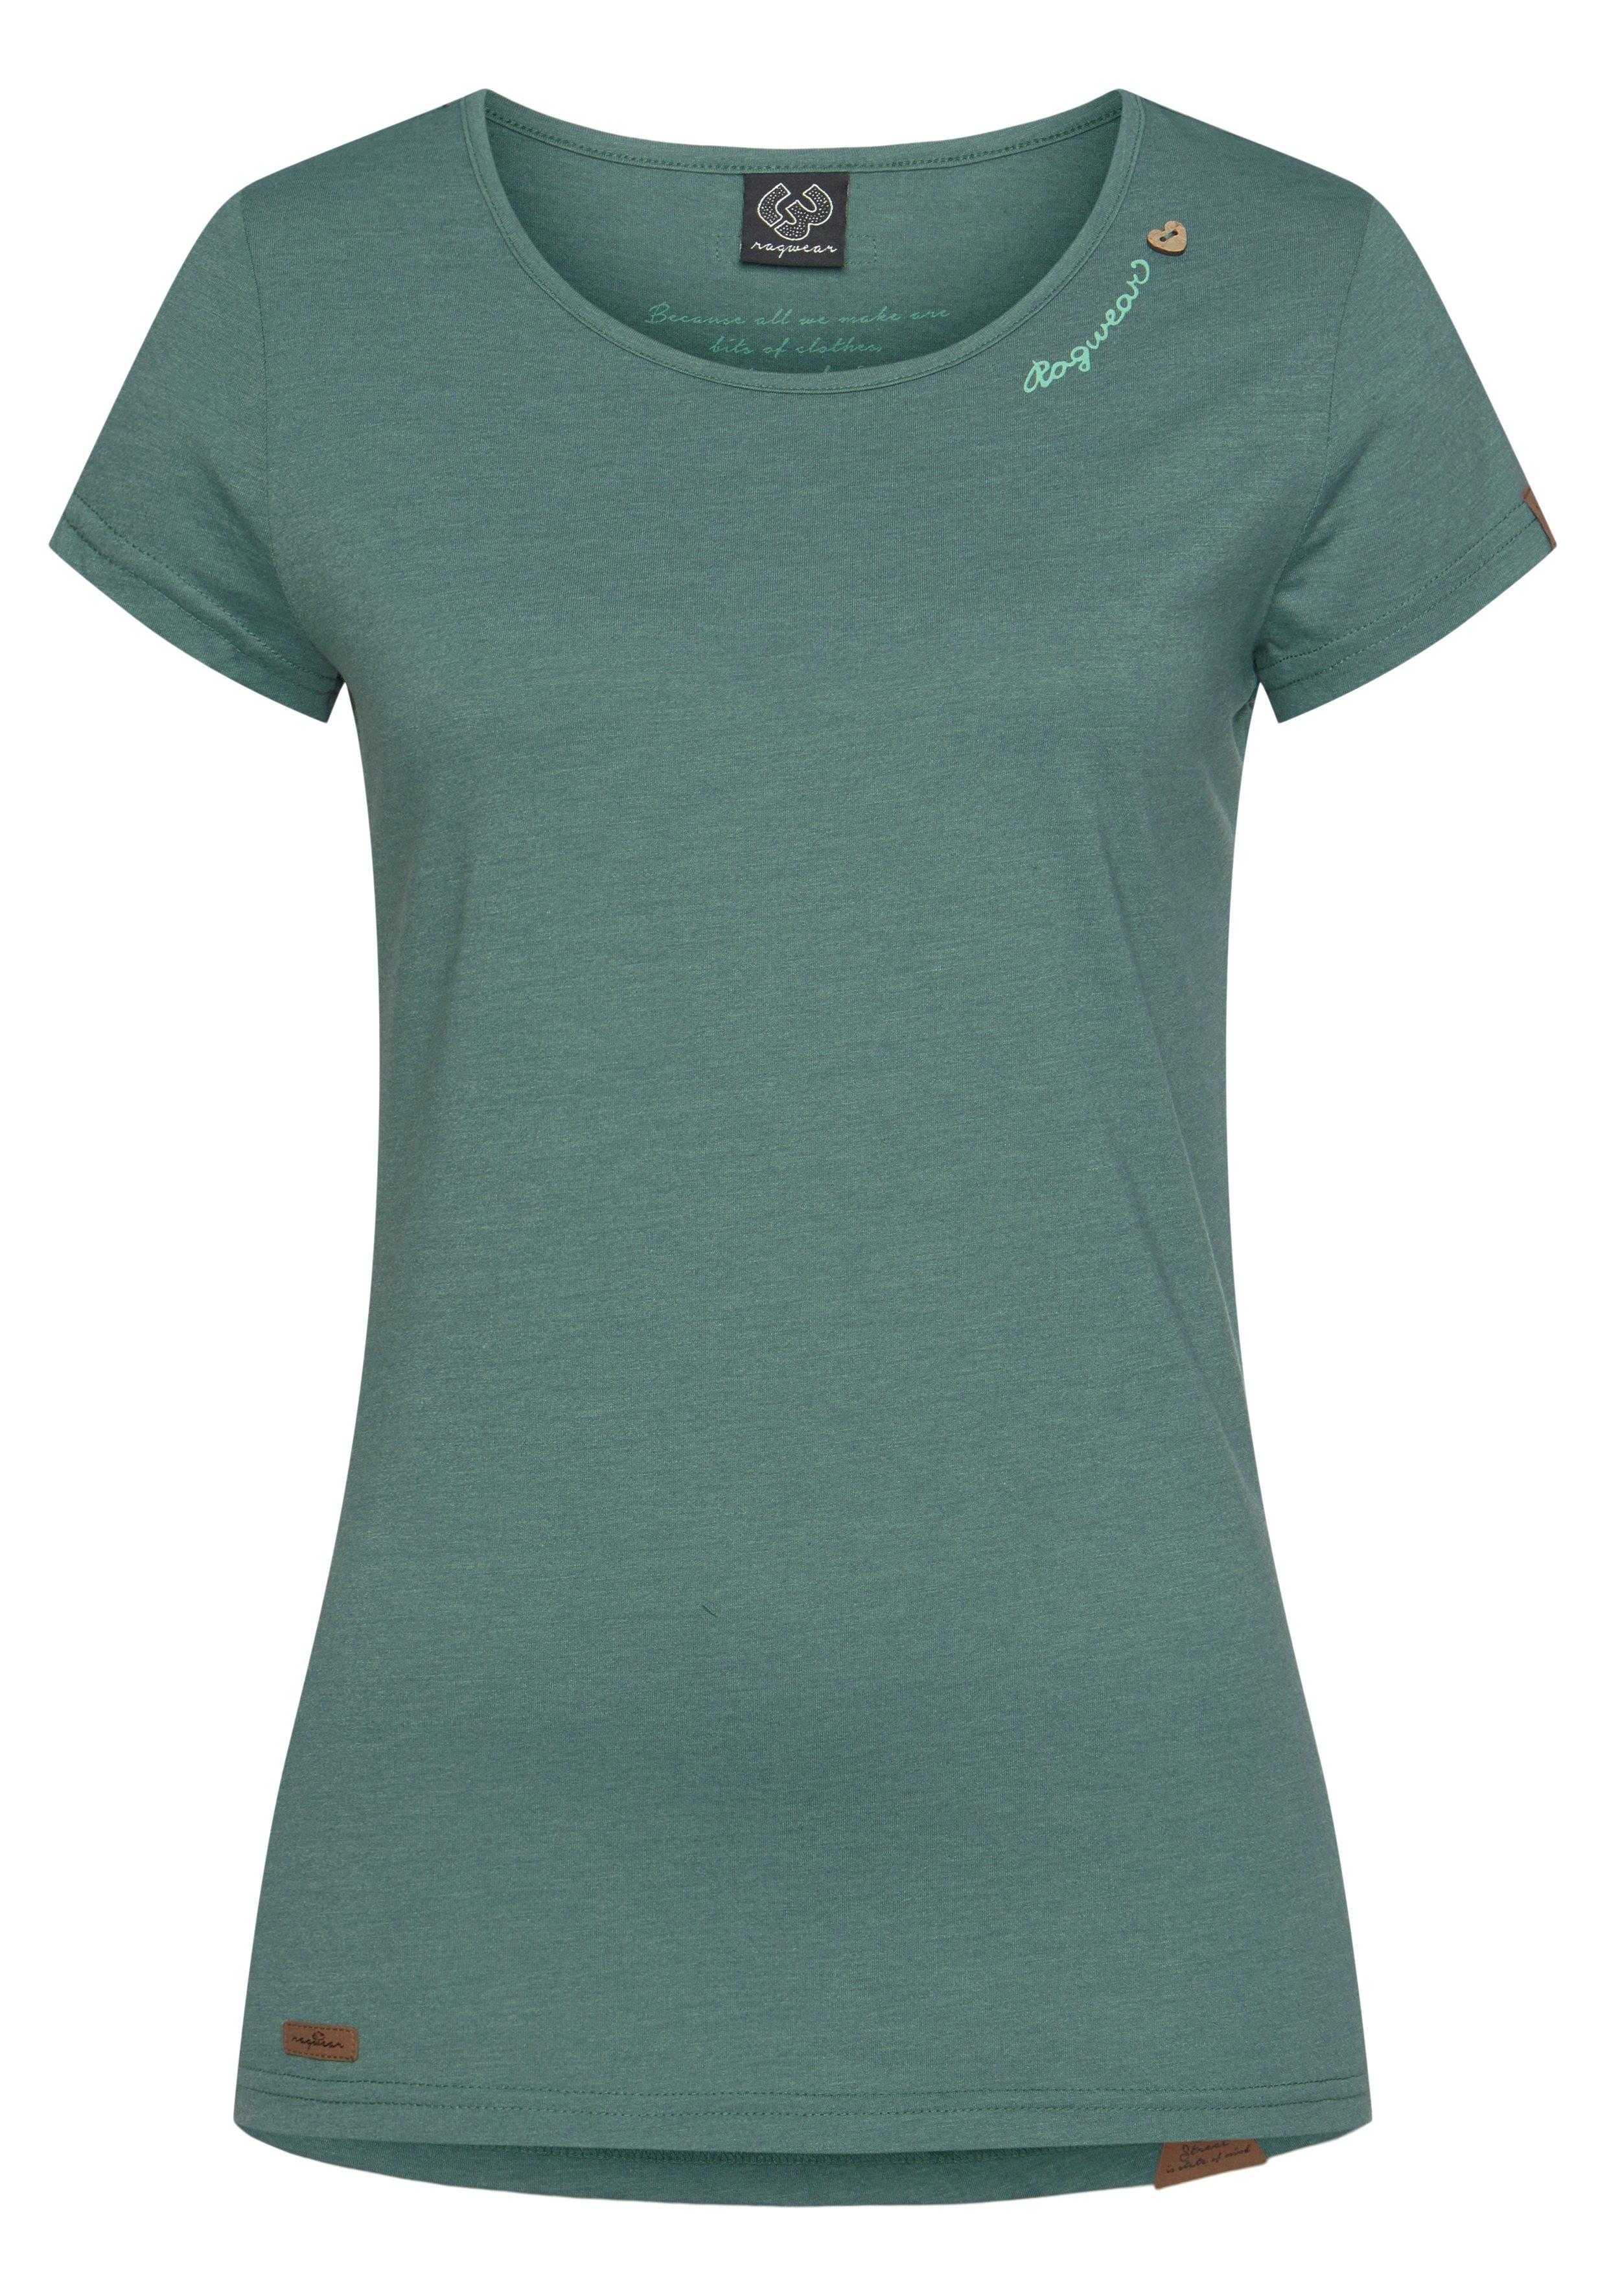 Ragwear T-shirt »MINT« voordelig en veilig online kopen